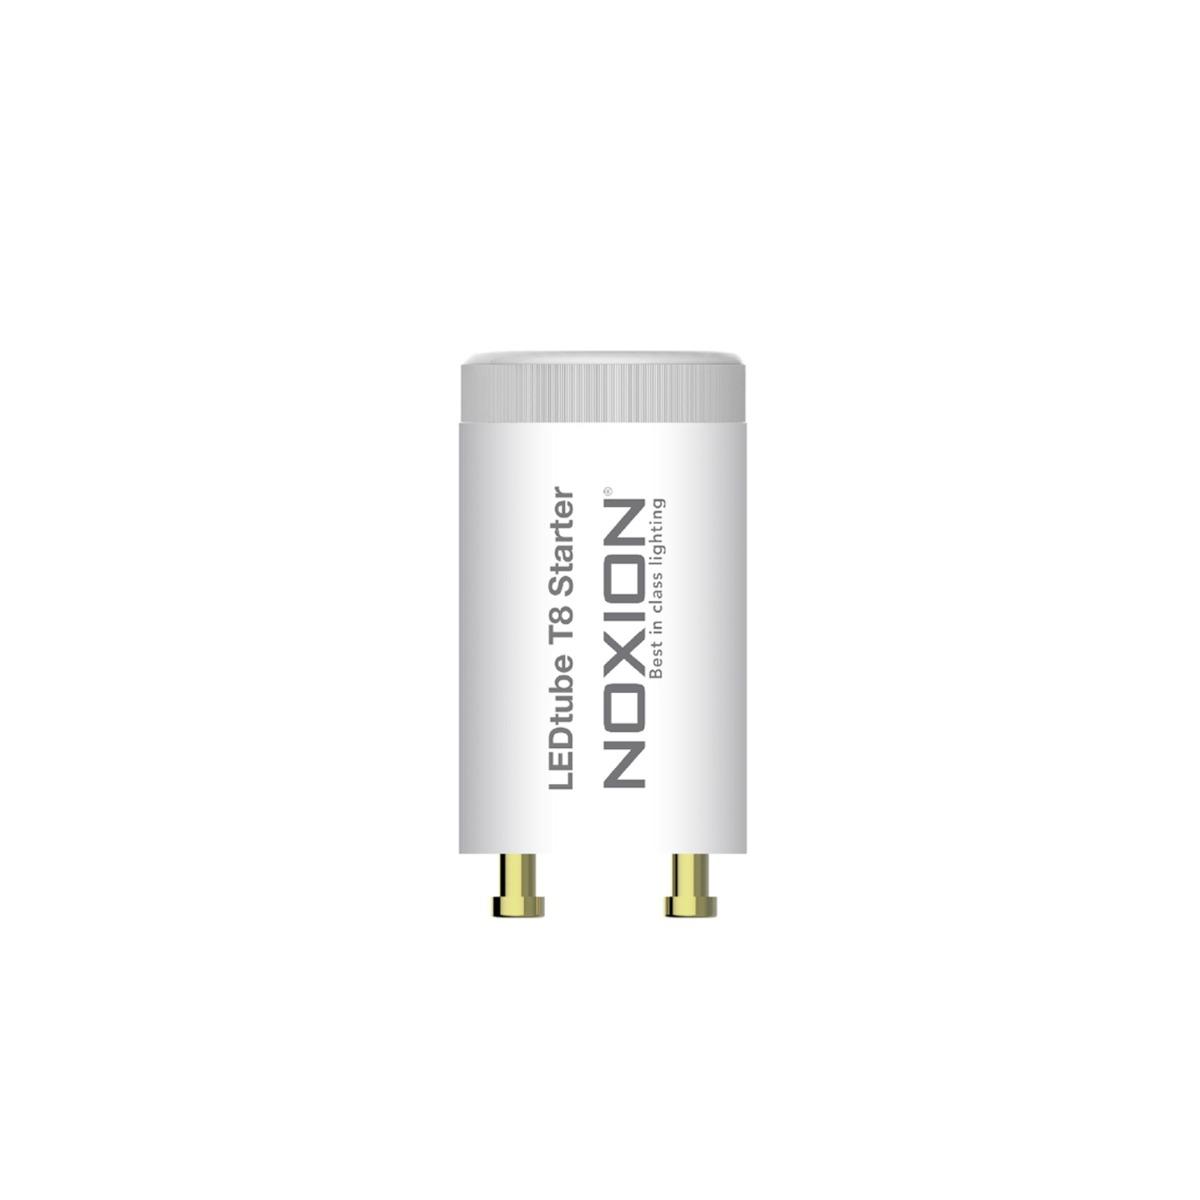 Noxion Avant LEDtube T8 Standaard (EM/Direct) Starter